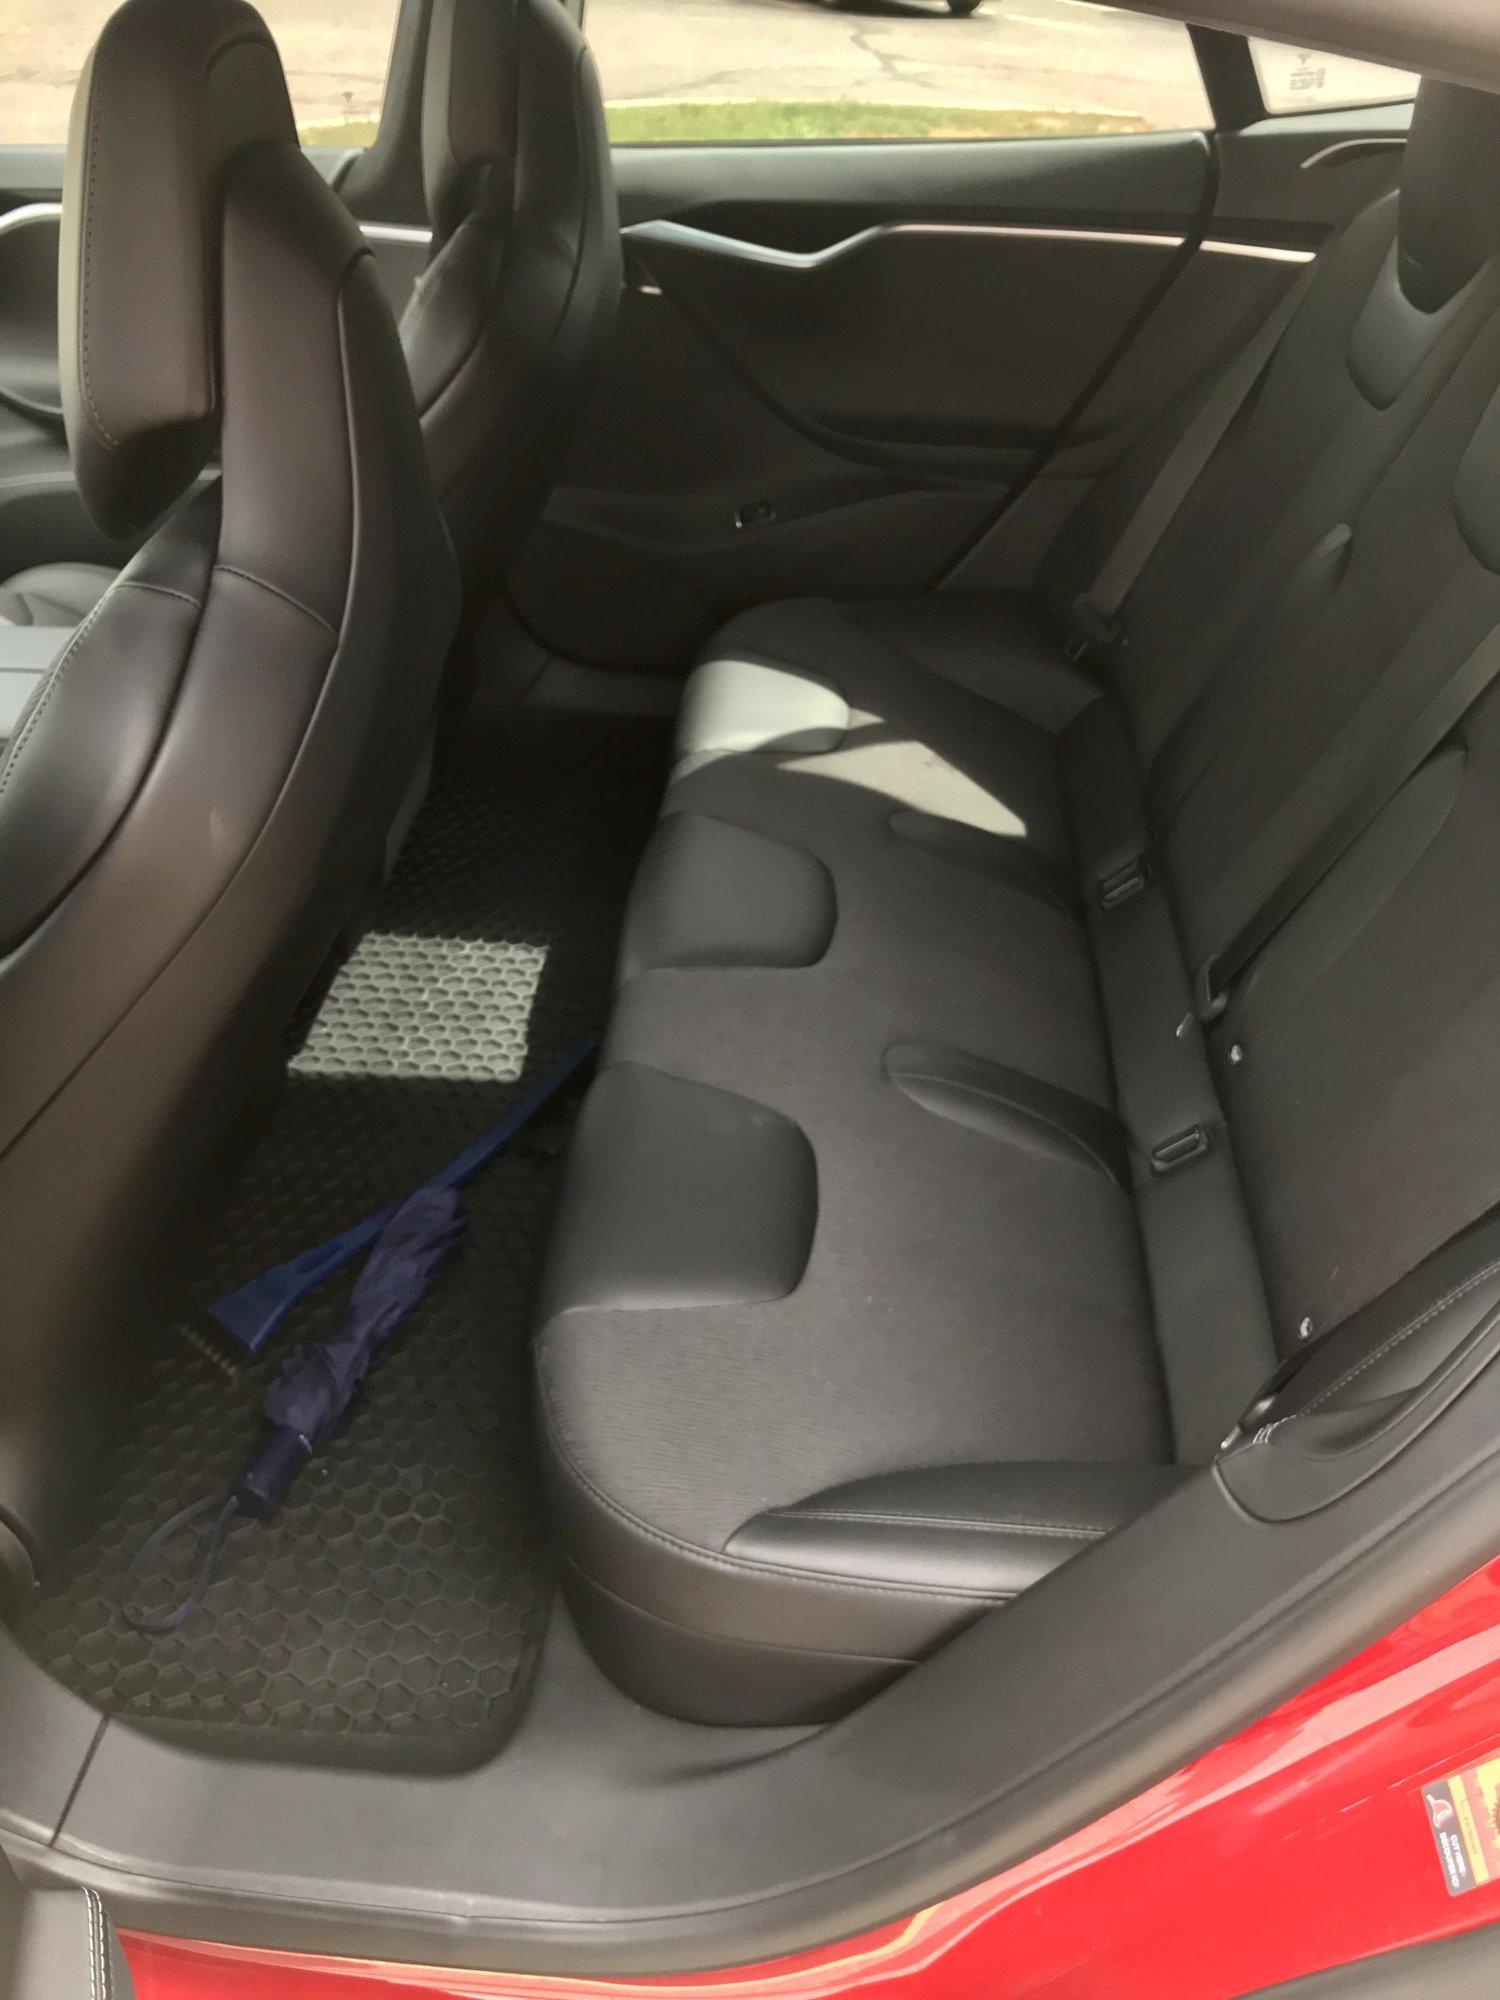 interior_rear.jpg